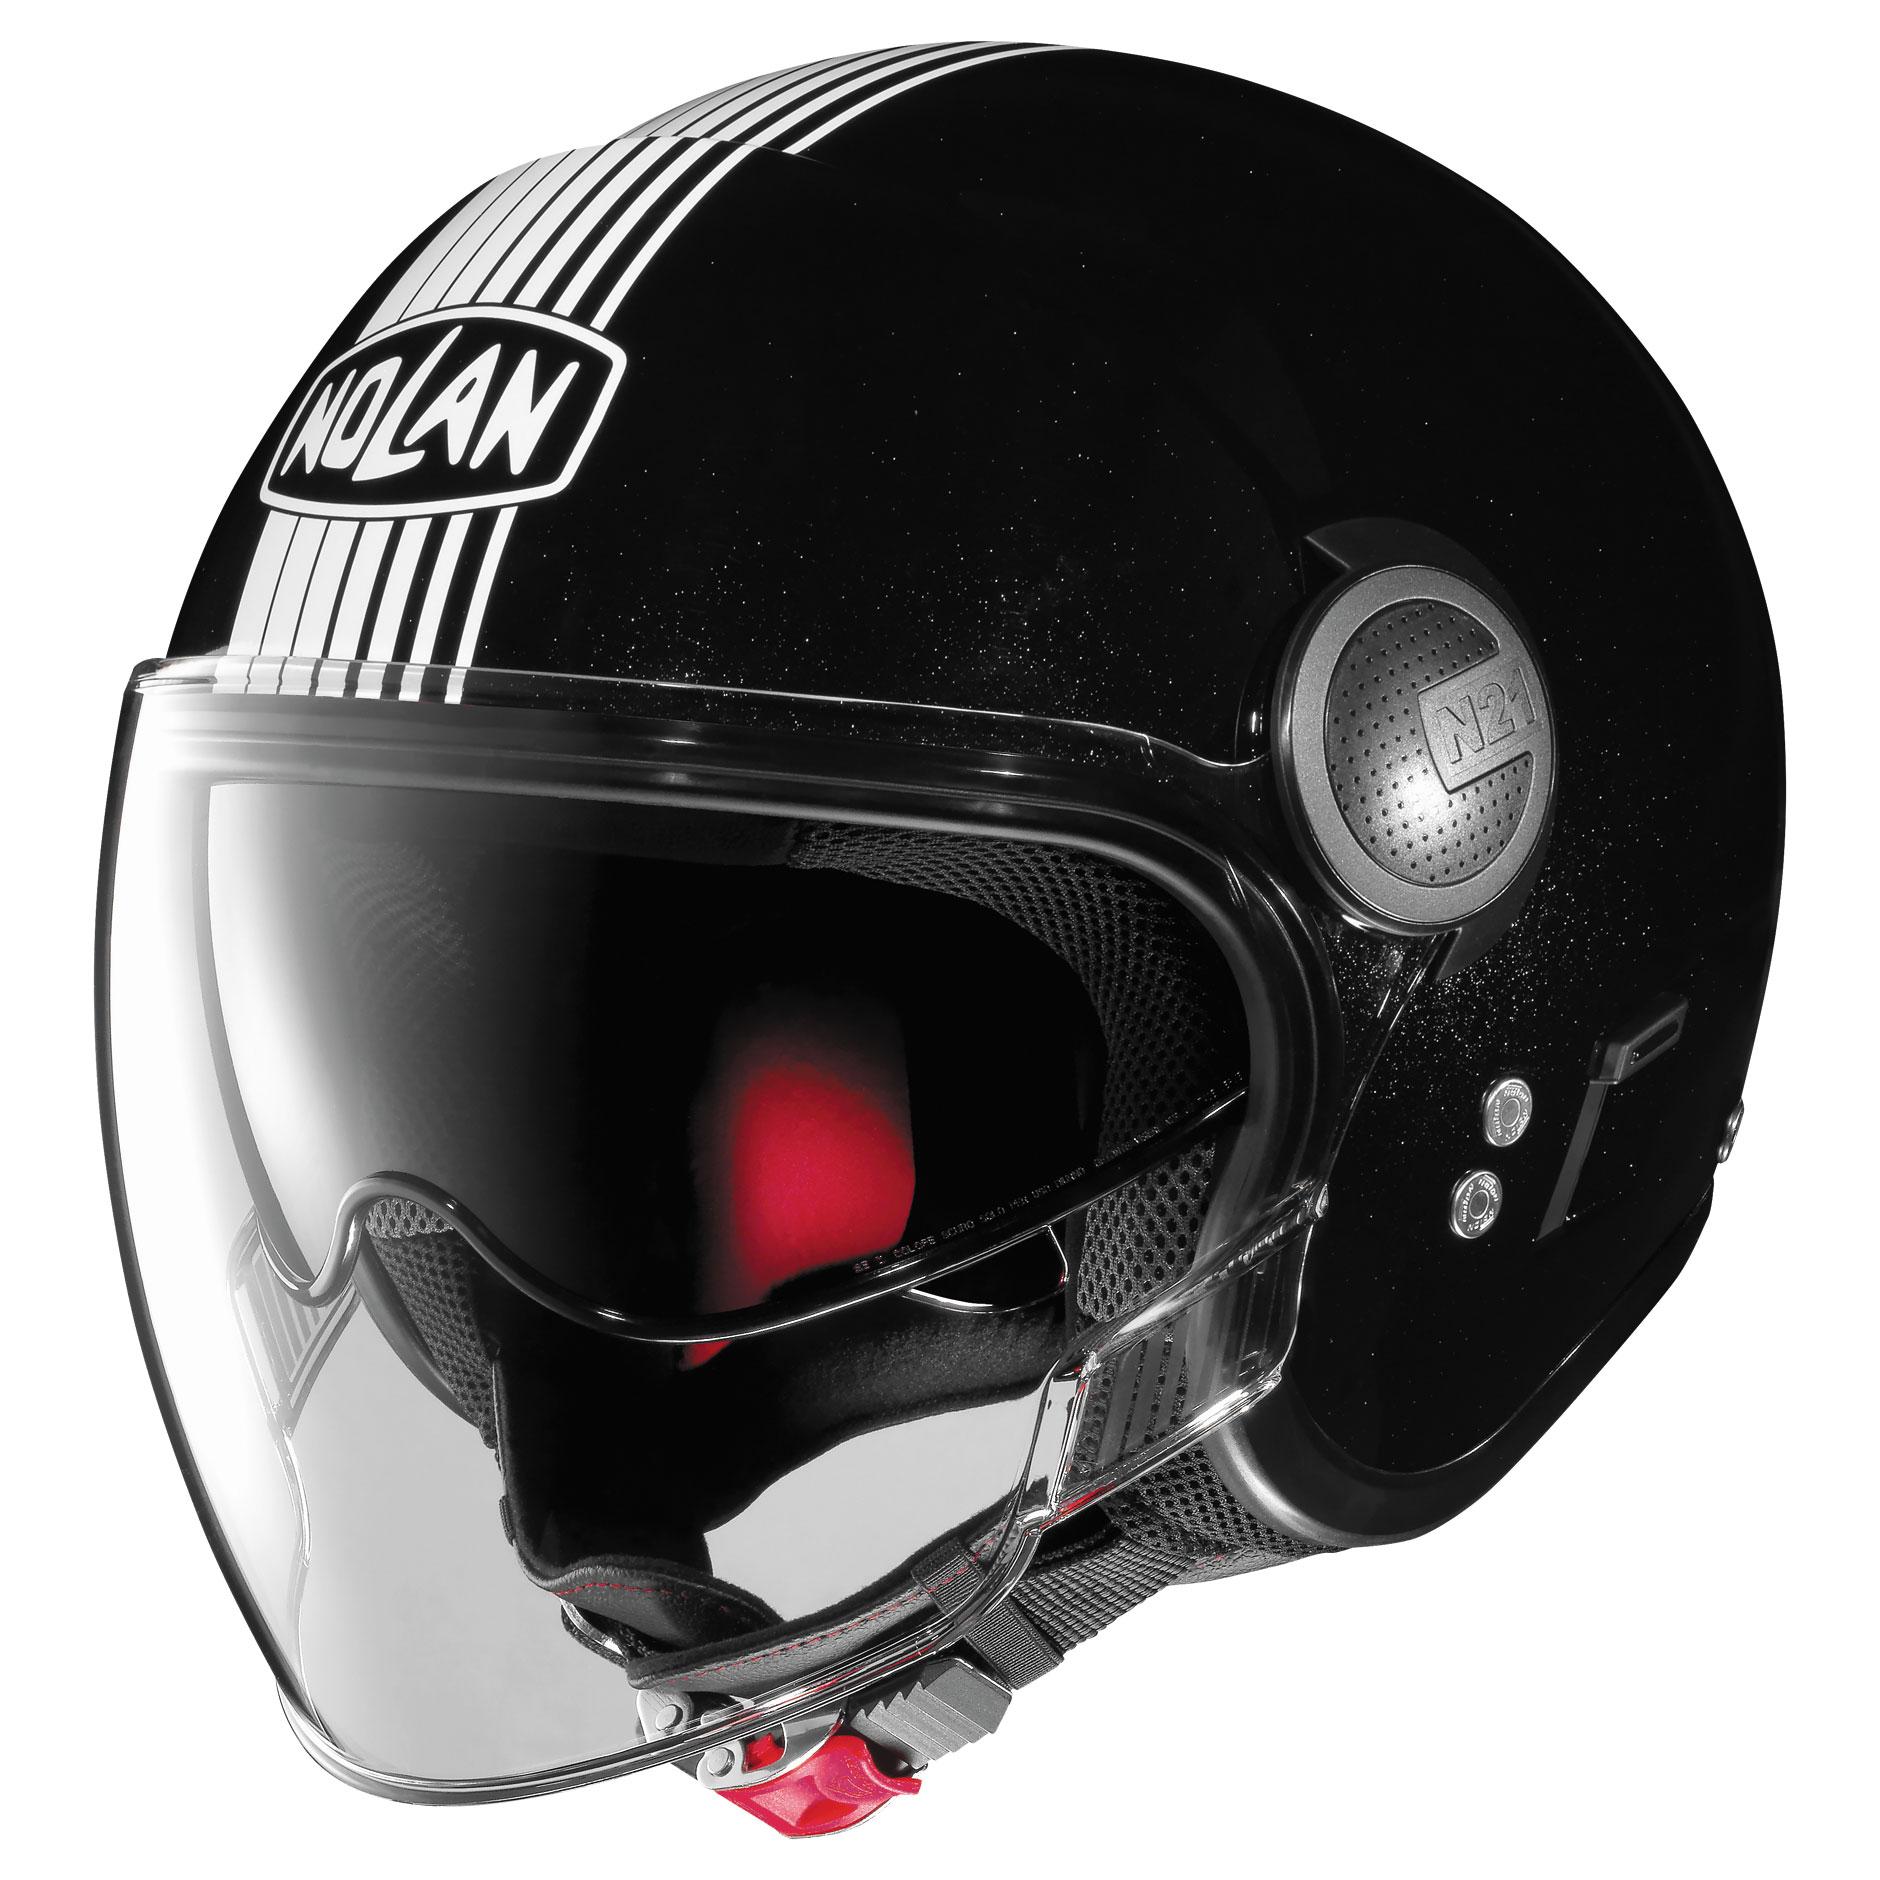 Nolan N21 Visor Joie De Vivre Black Open Face Helmet